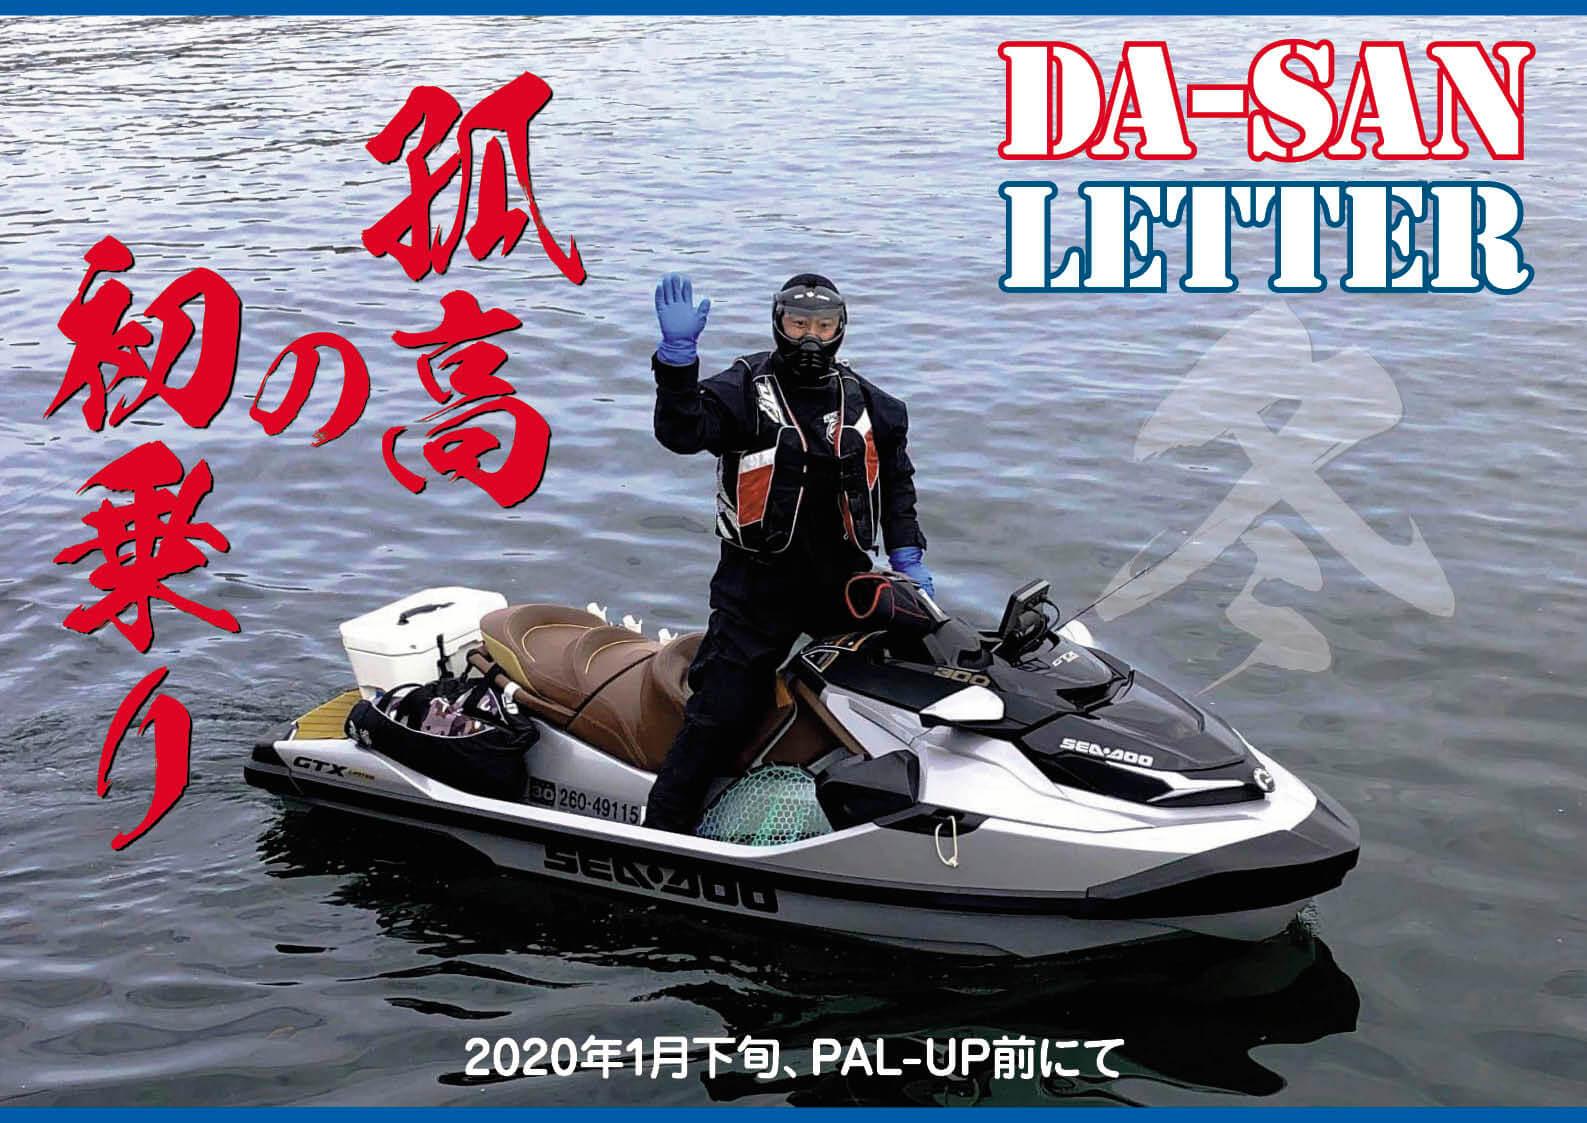 1月に1人で乗って楽しいのか? パルアップ ダーさん 孤高の初乗り ジェットスキー(水上バイク)